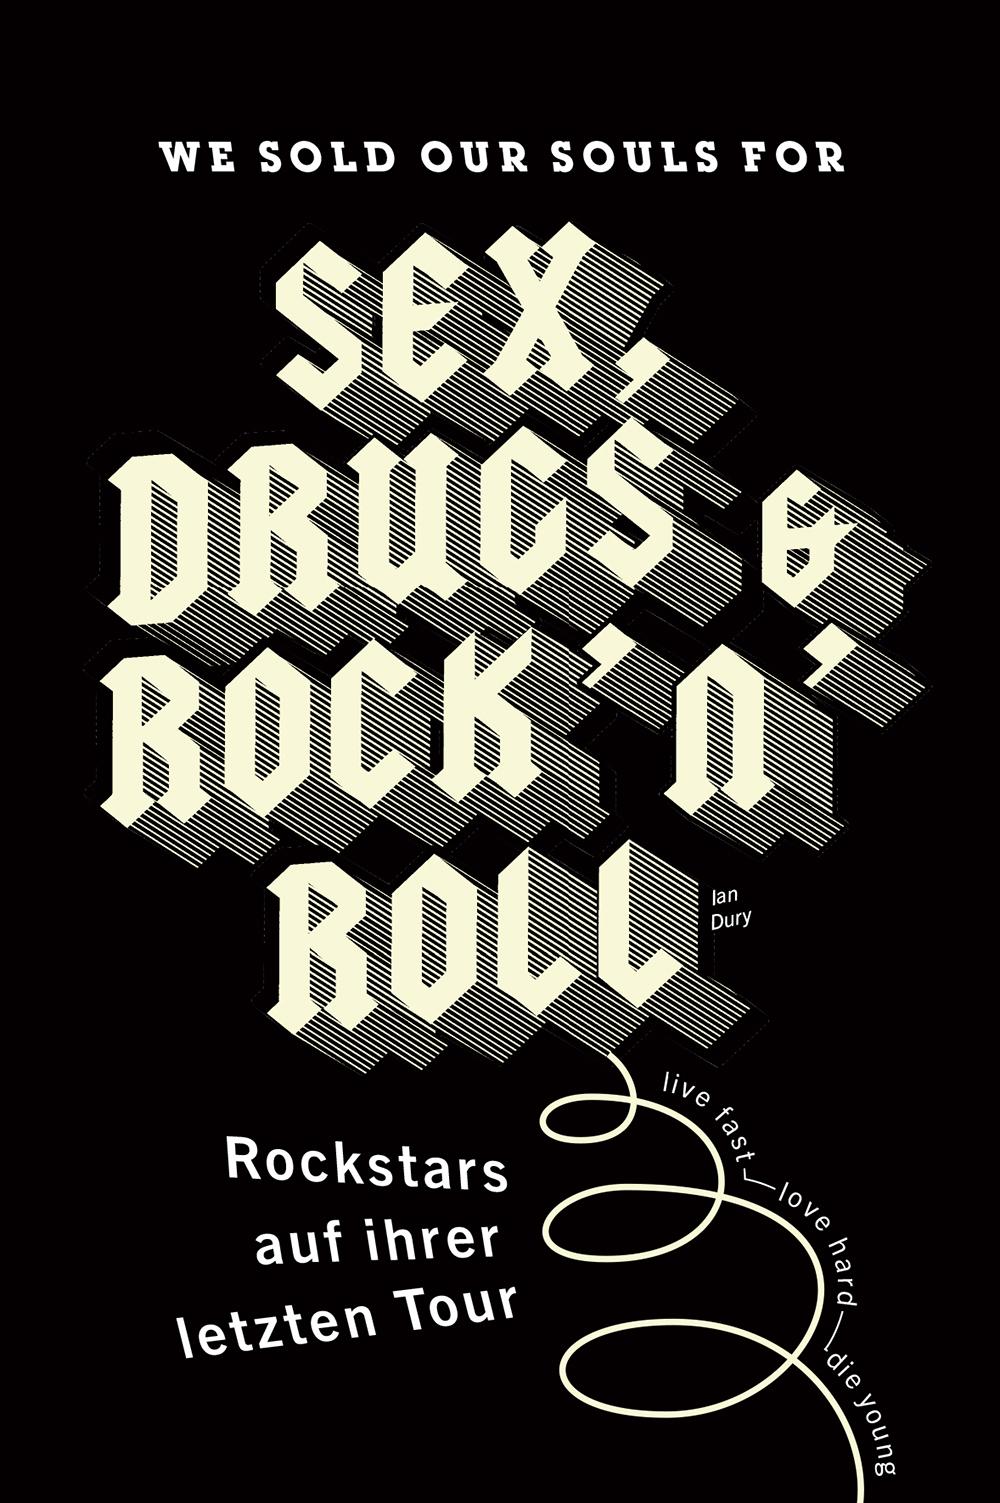 CLV_we-sold-our-souls-for-sex-drugs-rock-n-roll_markus-finkel_256403_1